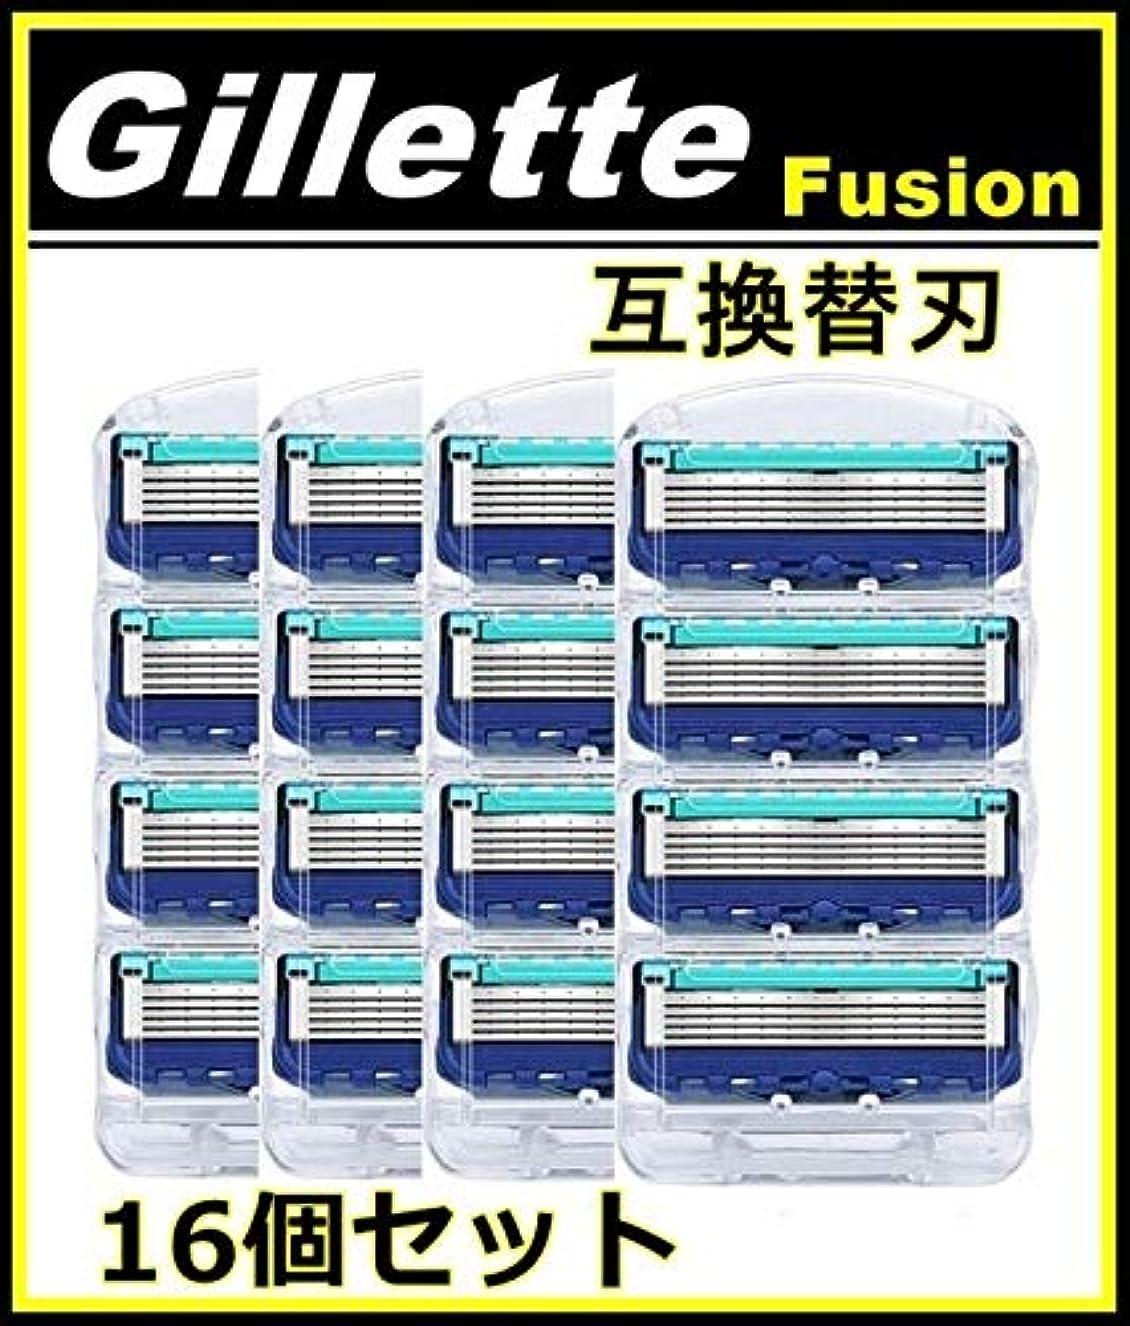 有毒幻滅サーバジレット フュージョン用 替刃 互換品 4セット 16個 髭剃り Gillette Fusion プログライド パワー 替え刃 ブルー